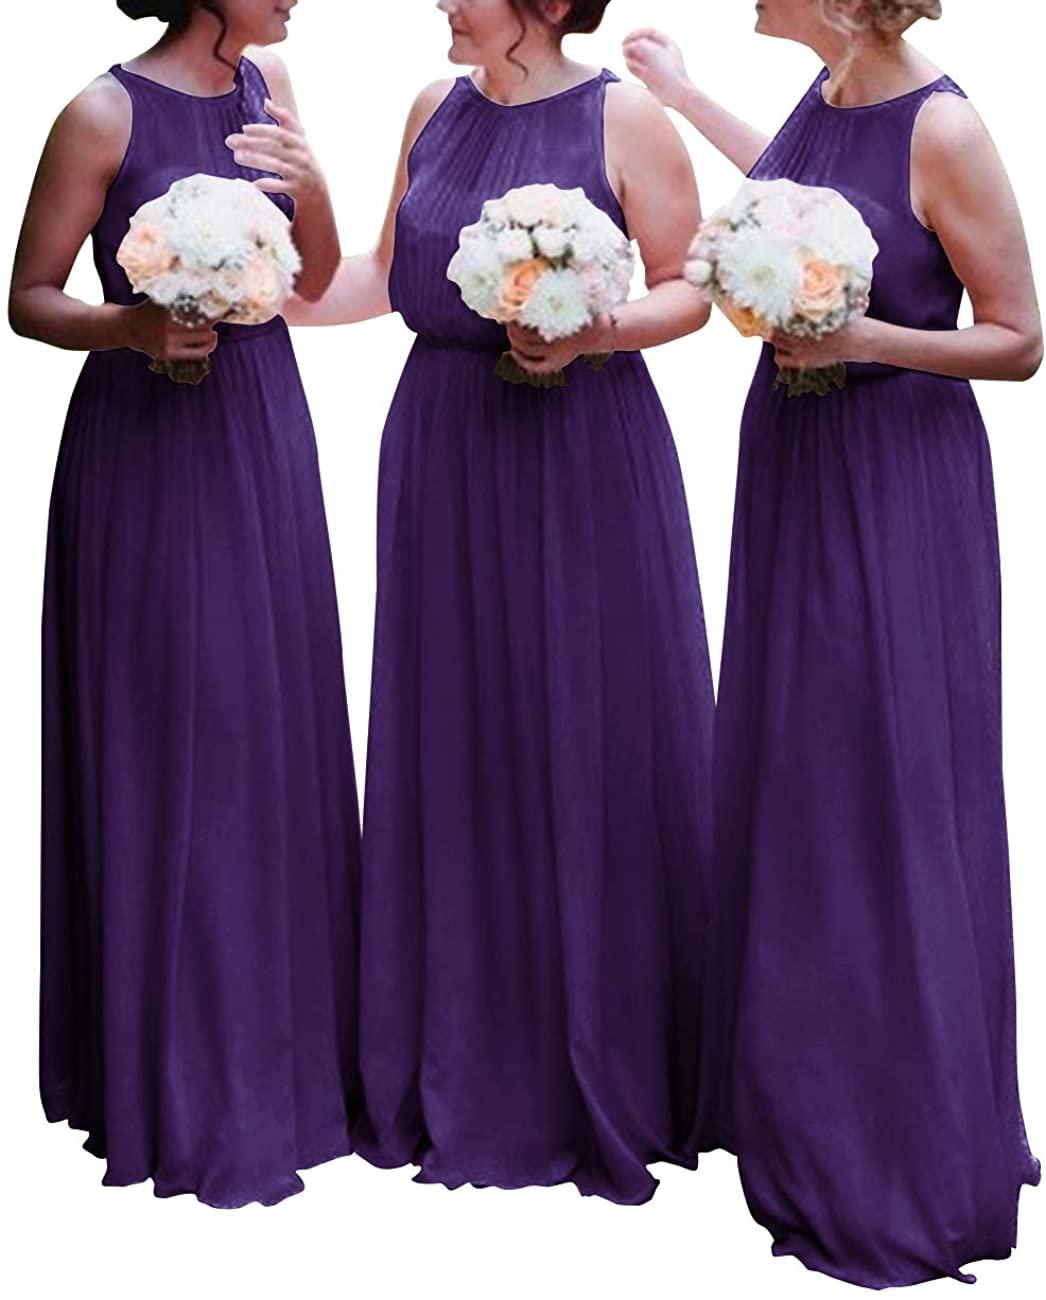 Платья для подружек невесты, вечерние платья, скромные платья для подружки невесты, длинное платье для выпускного вечера, Платья для подруж...